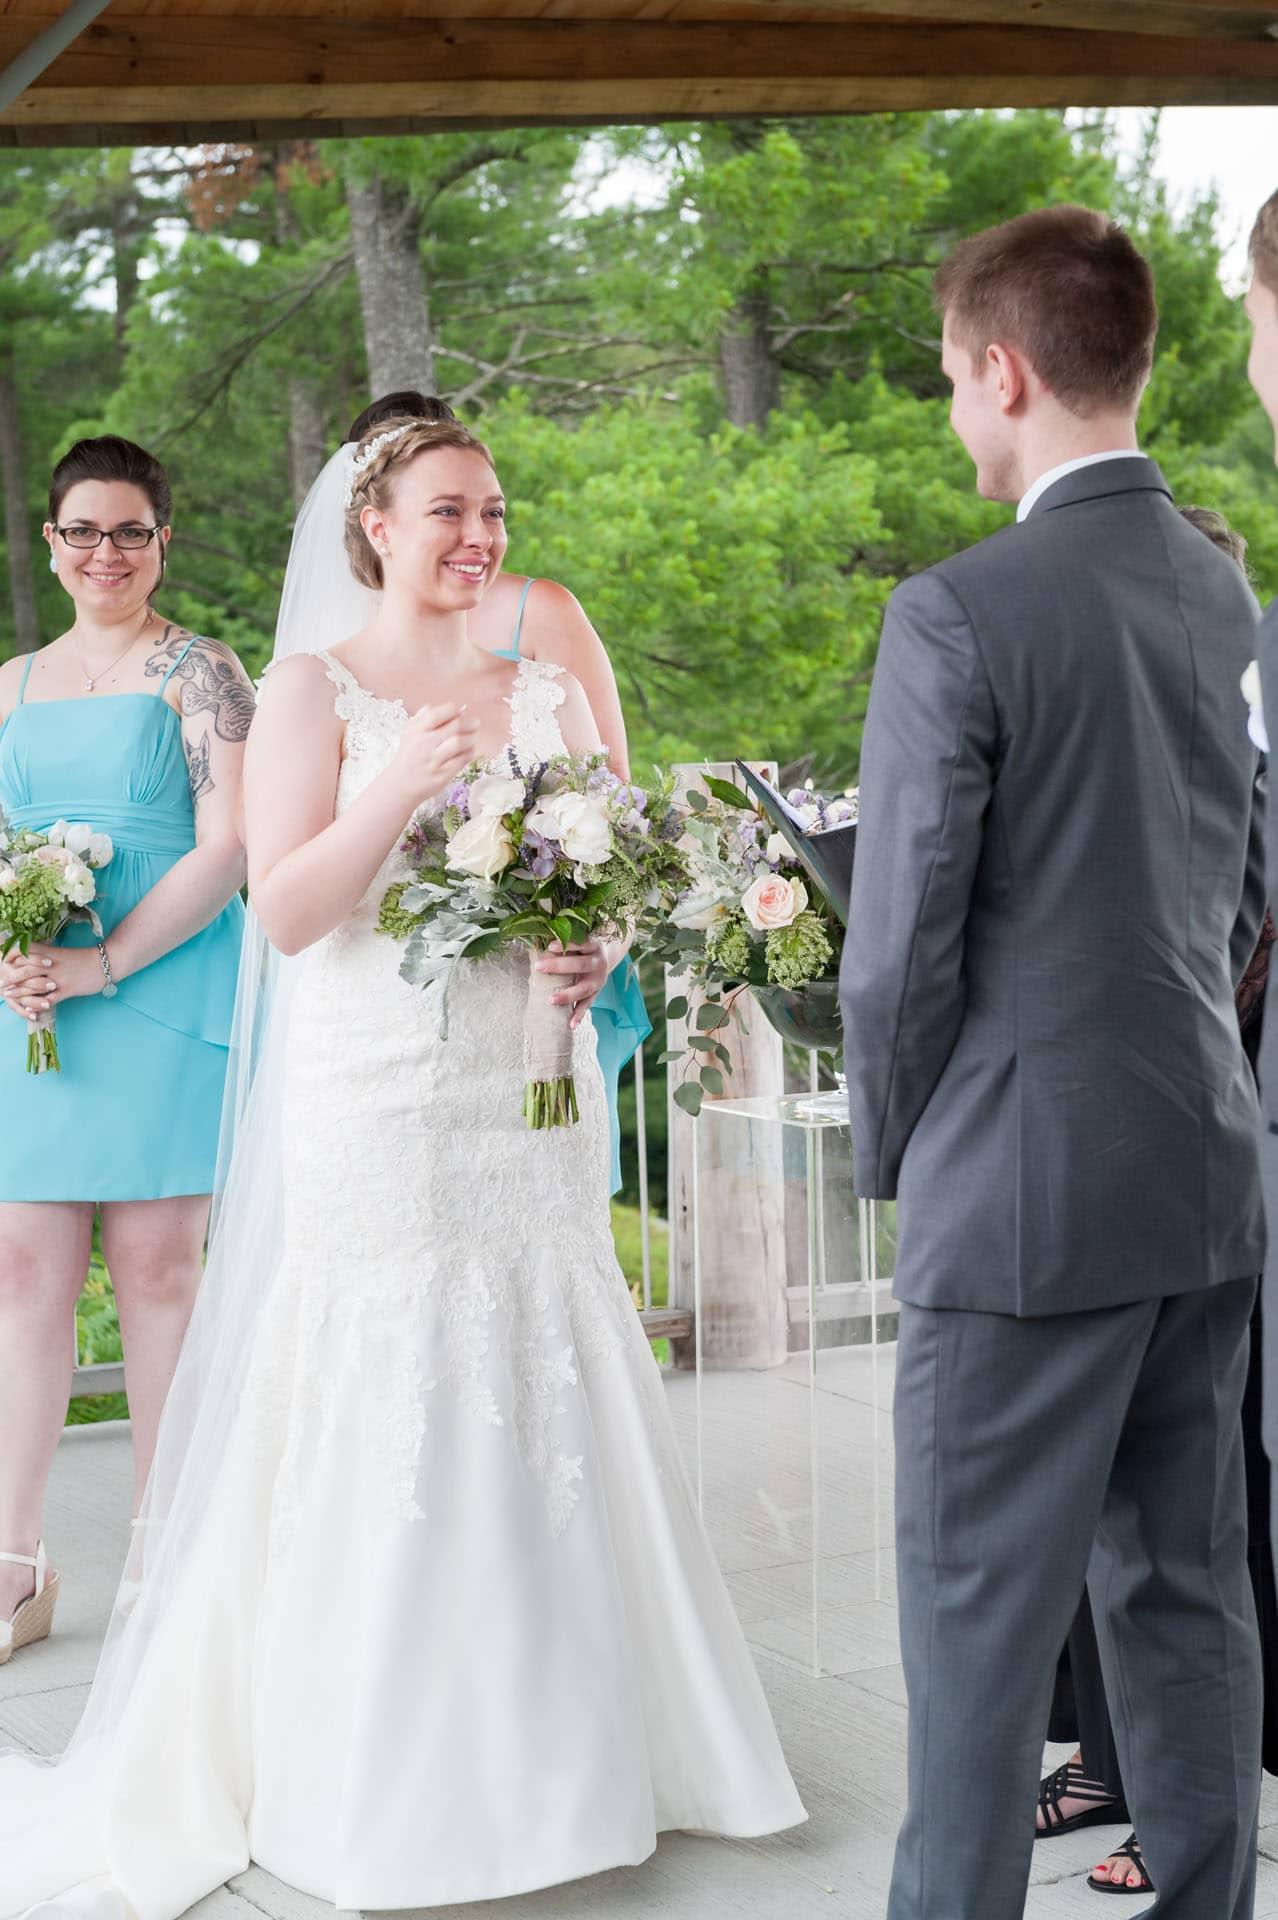 Kelly-&-Scott's-Wedding-Day-85ps